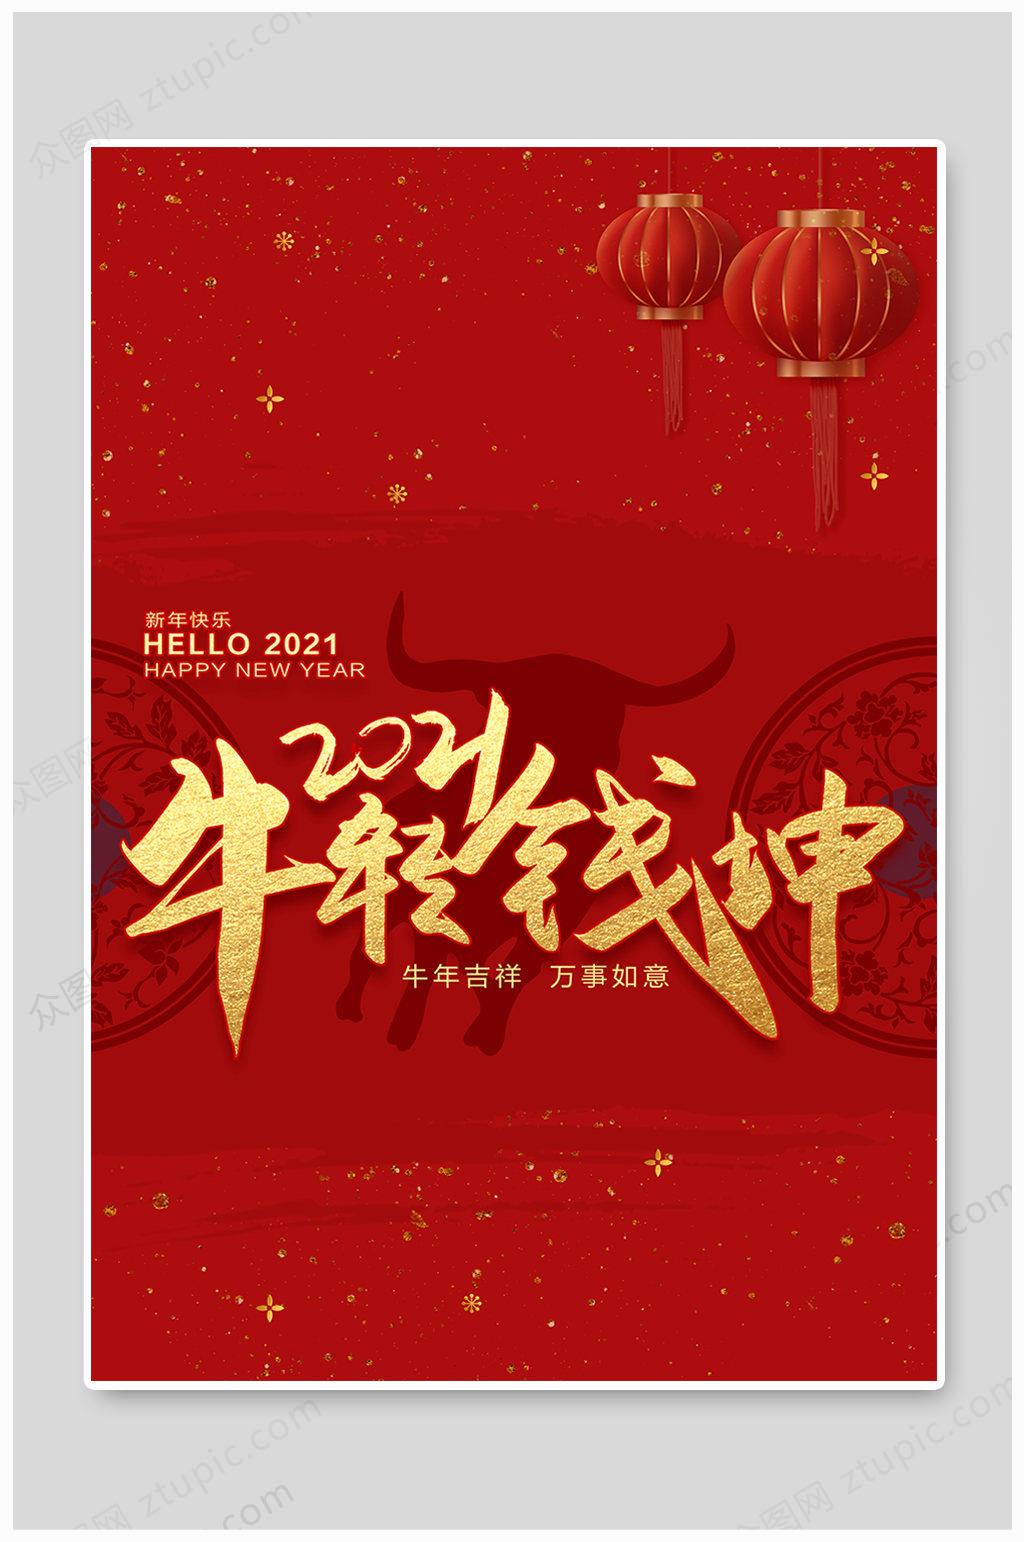 简约大气ppt背景_2021扭转乾坤喜庆红色大气海报背景设计-海报素材下载-众图网